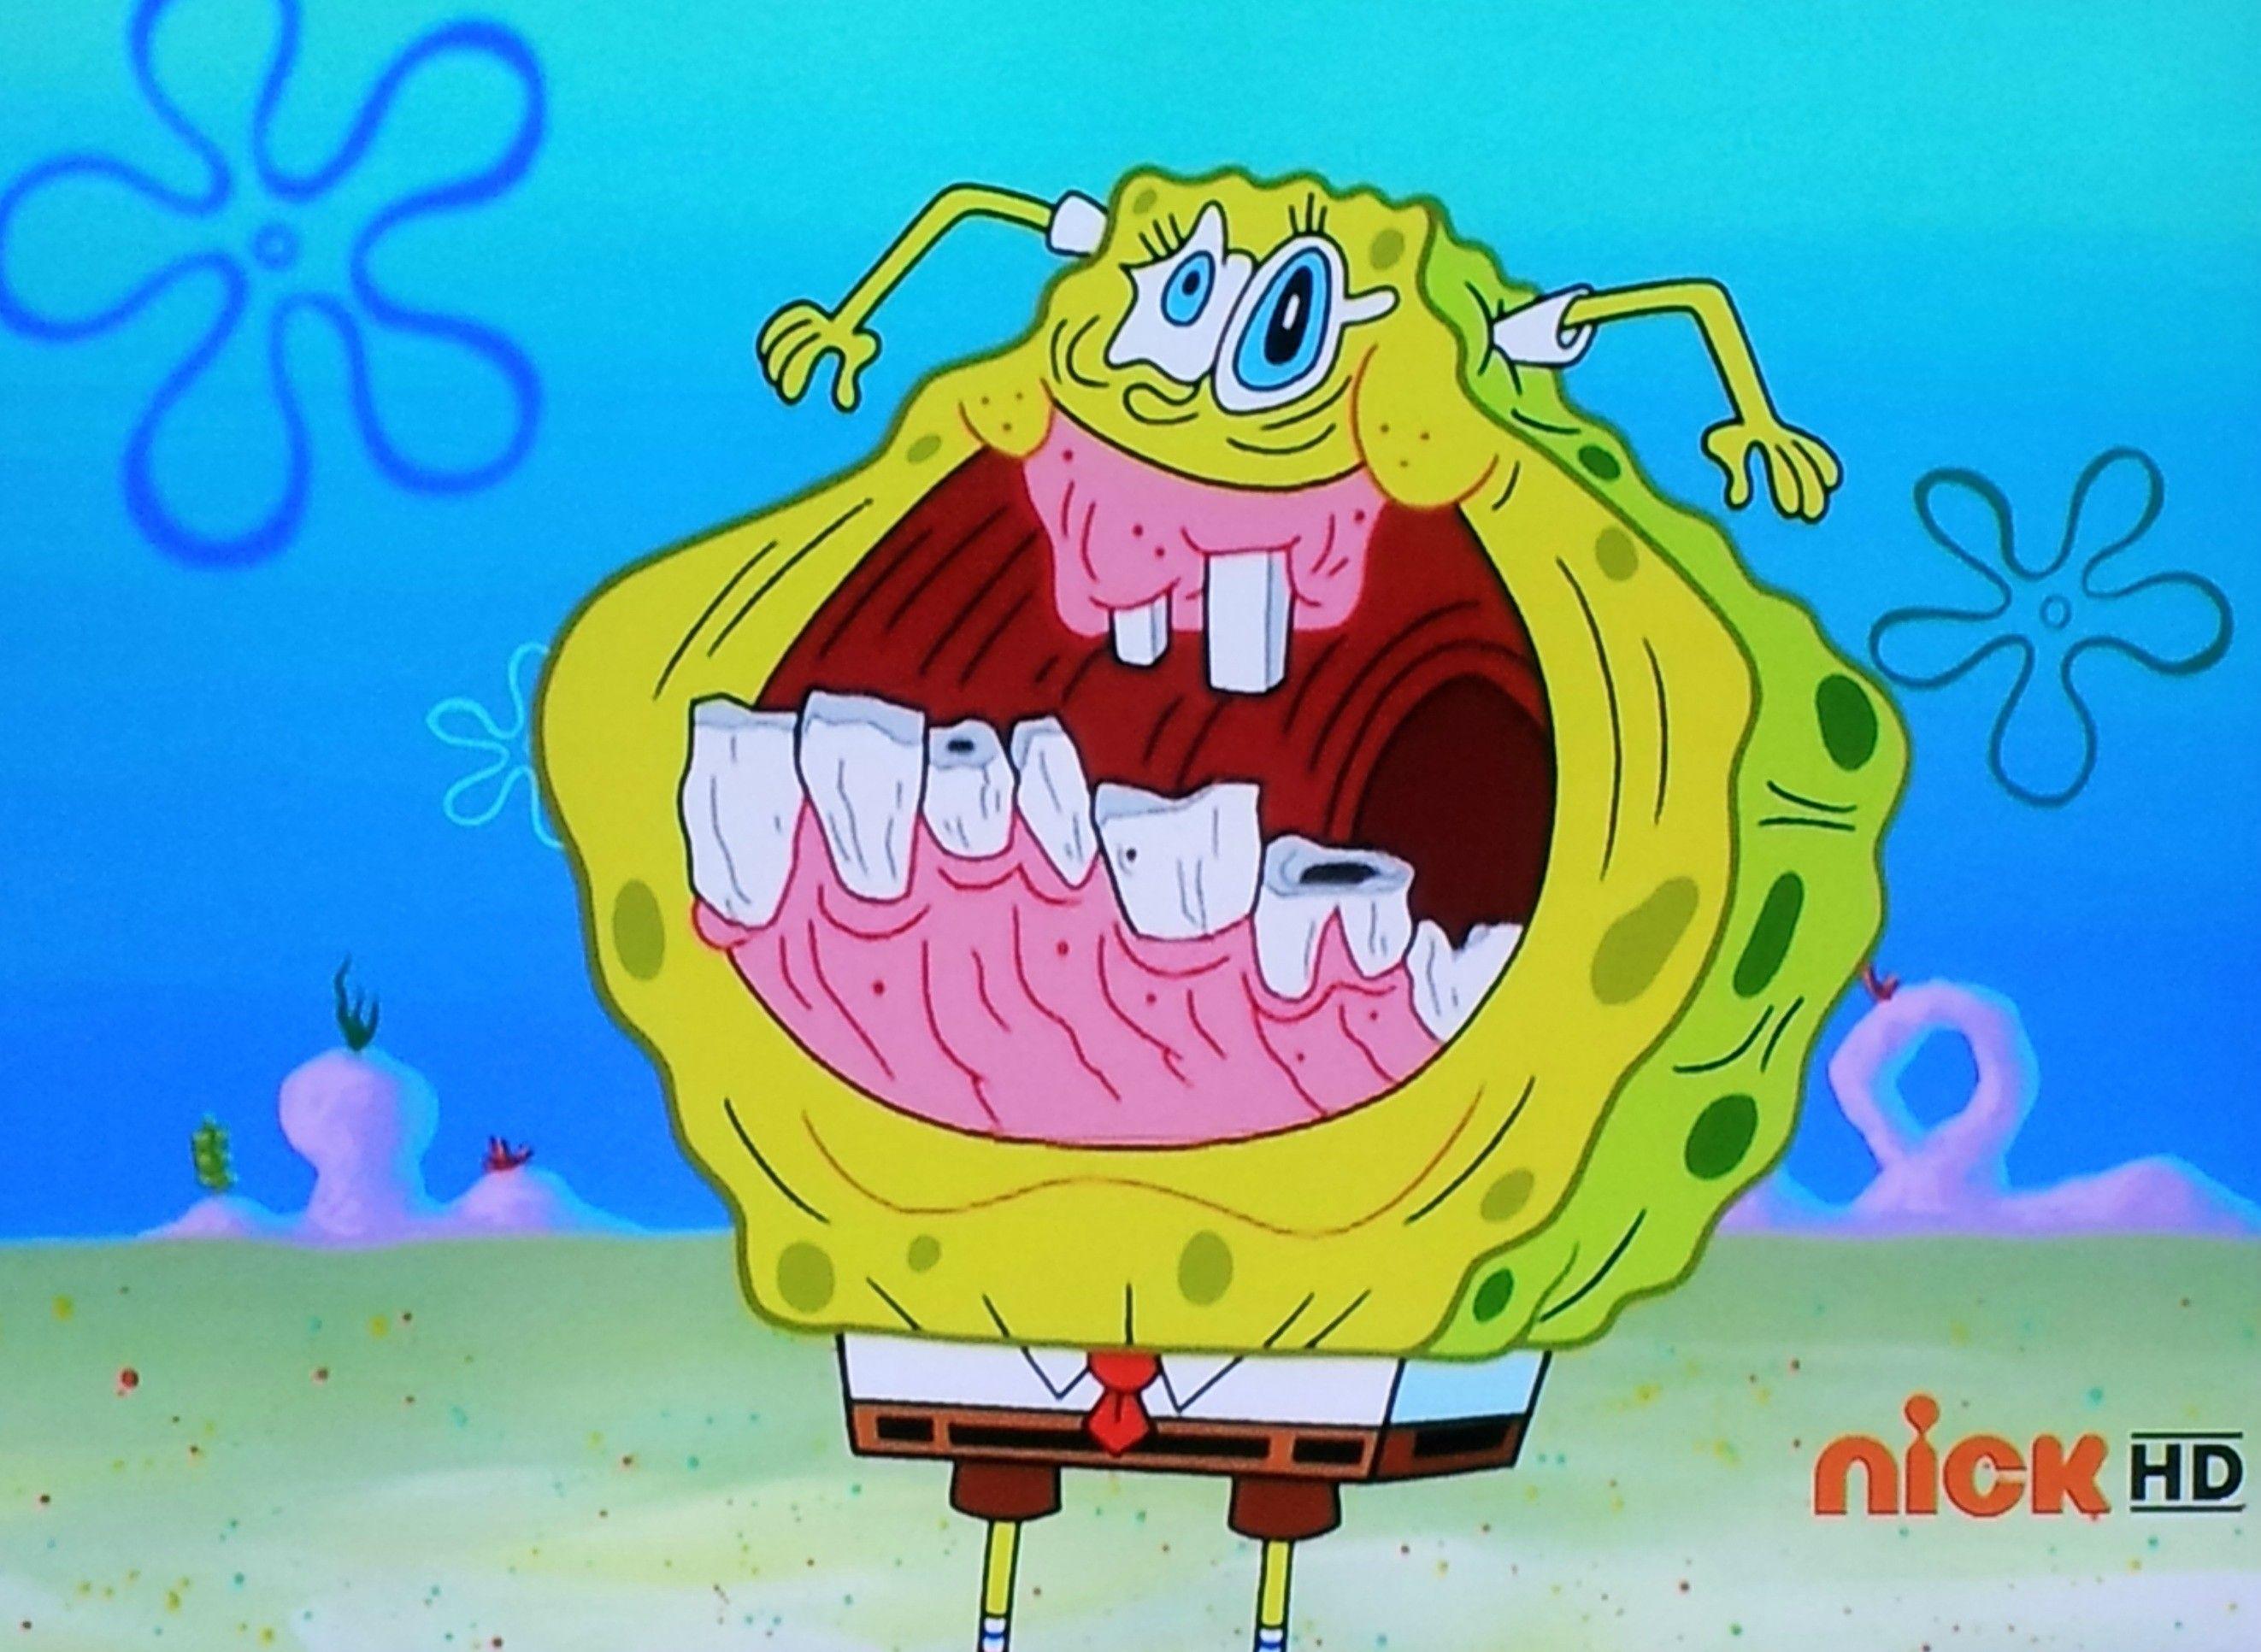 Spongebob has every face ever created